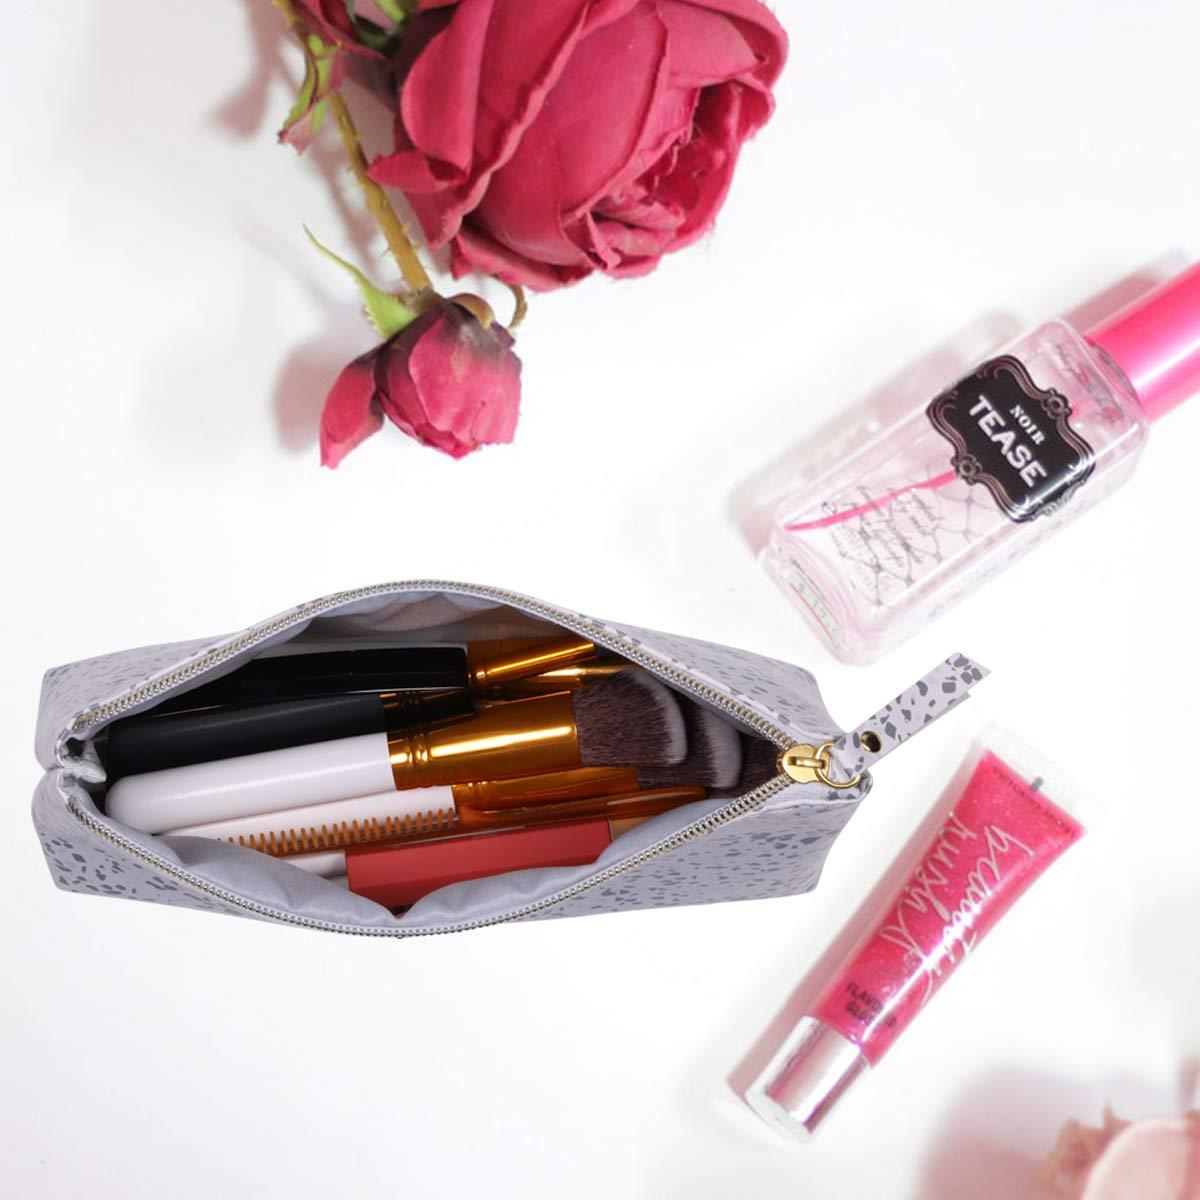 Bolsa de aseo Neceser de Viaje para Hombres y Mujeres Bojly Bolsa de Maquillaje Bolso Cosm/ético de Cuero de PU Plegable Impermeable Multifuncional